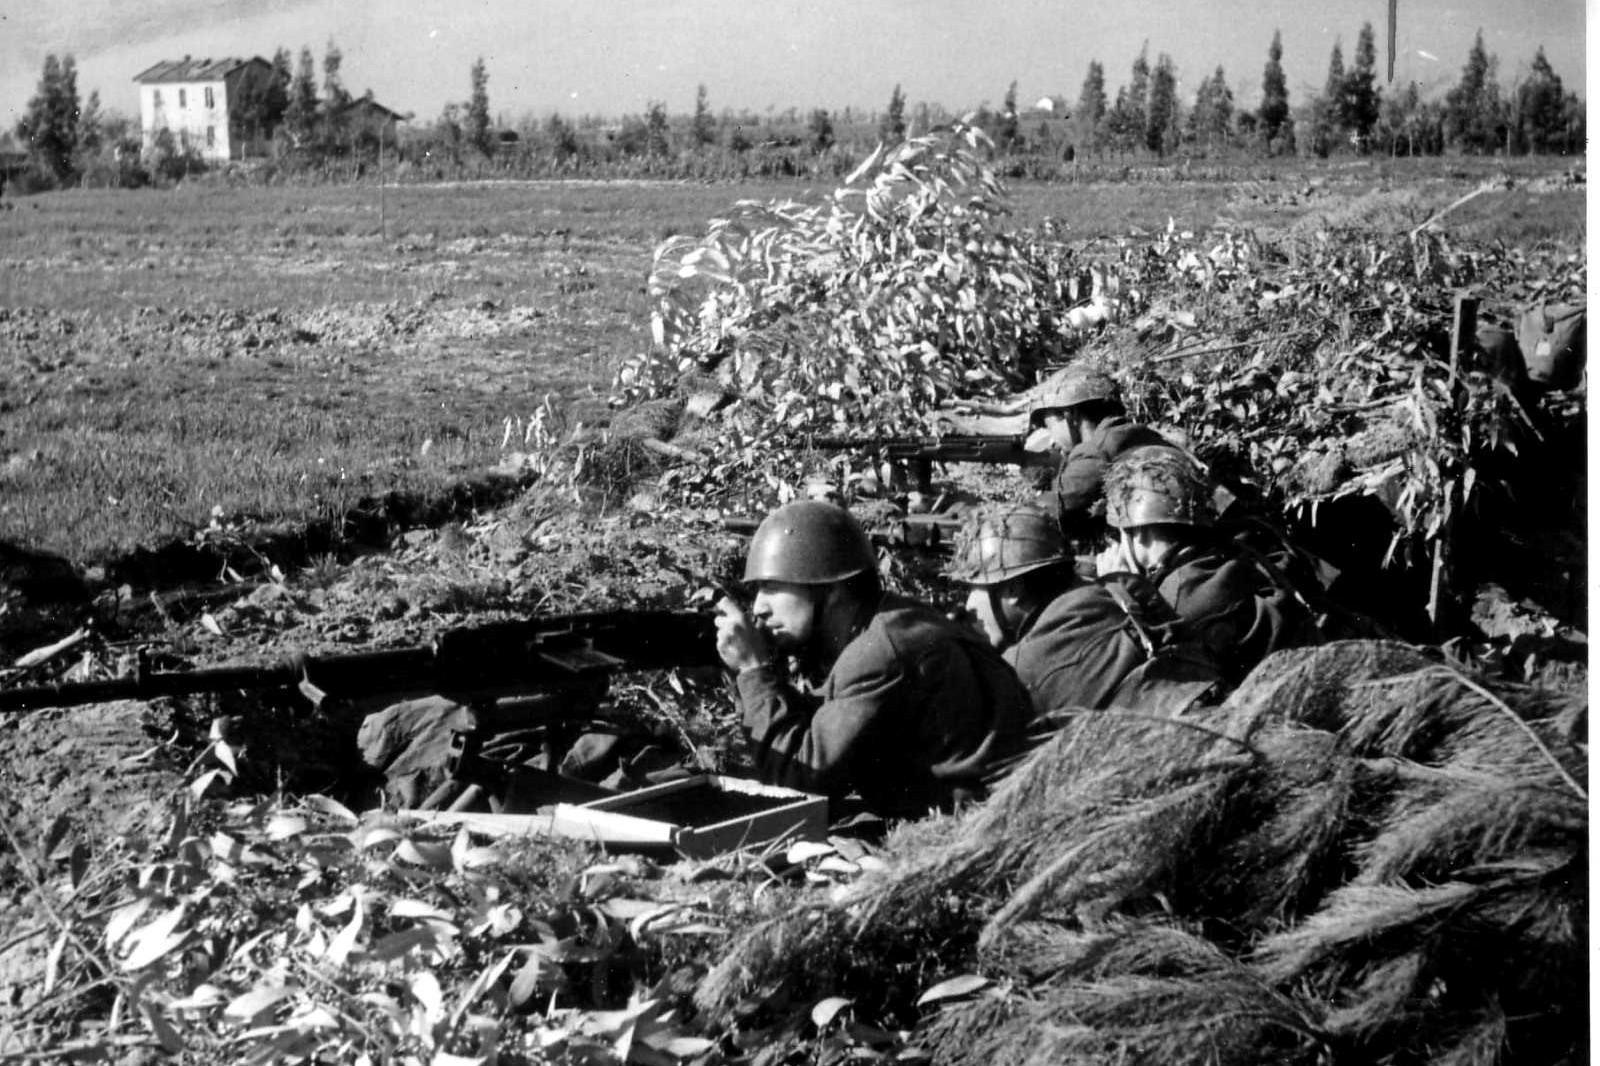 Quando si è conclusa la seconda guerra mondiale?